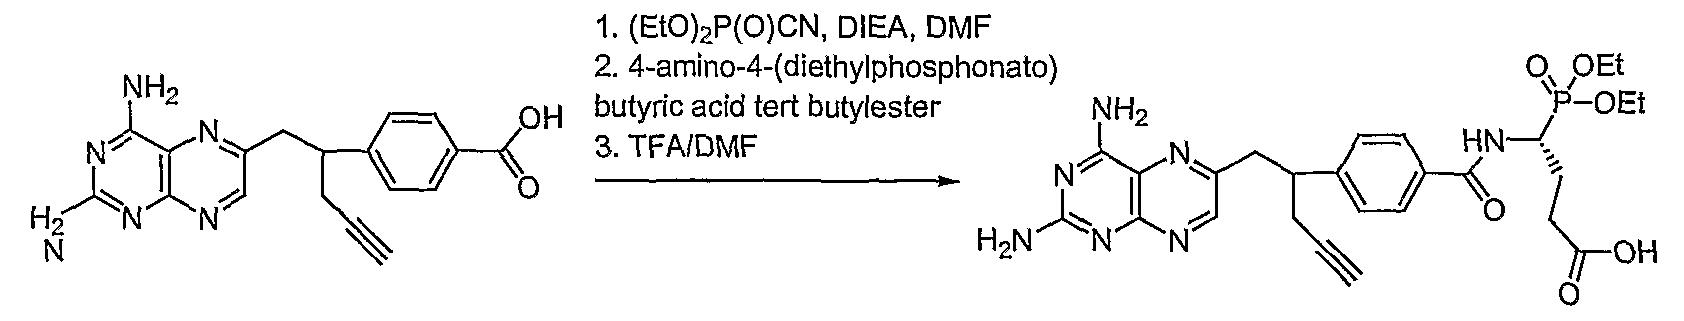 Figure imgf000359_0002